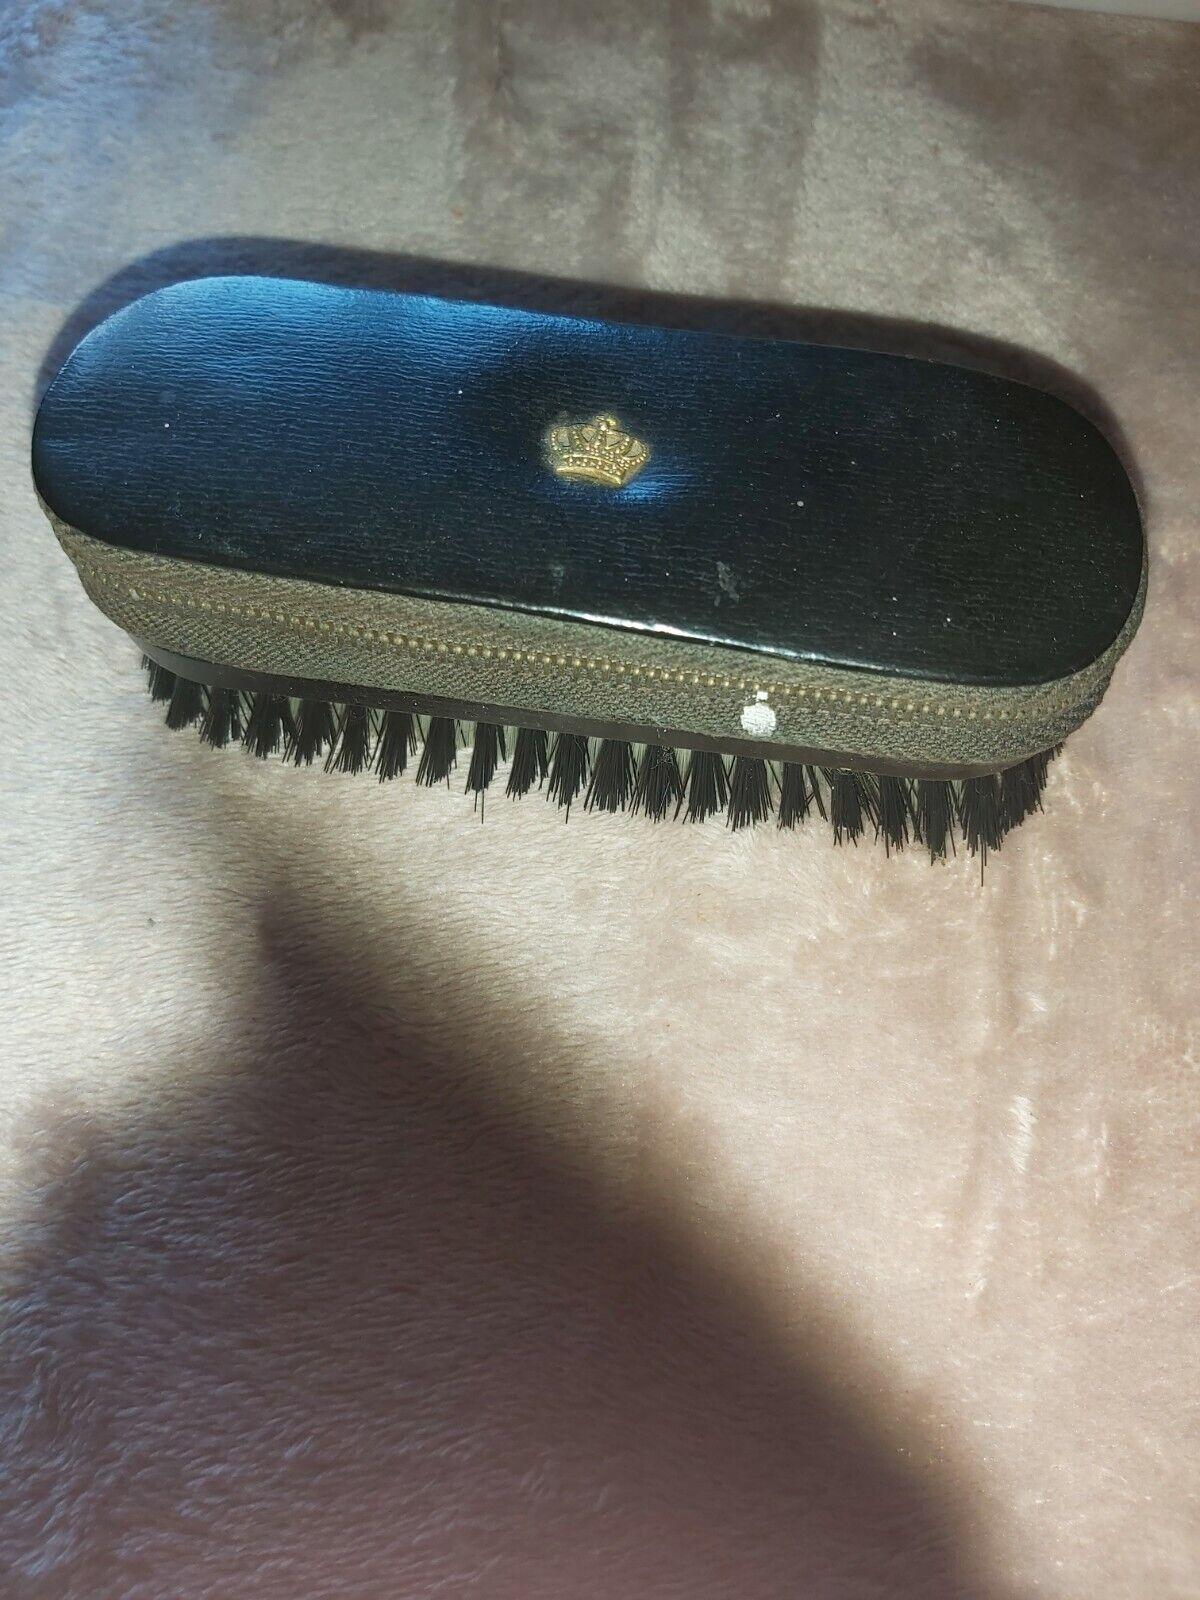 Vintage Gents Crown Travel Vanity Set Brush * free uk Mainland postage